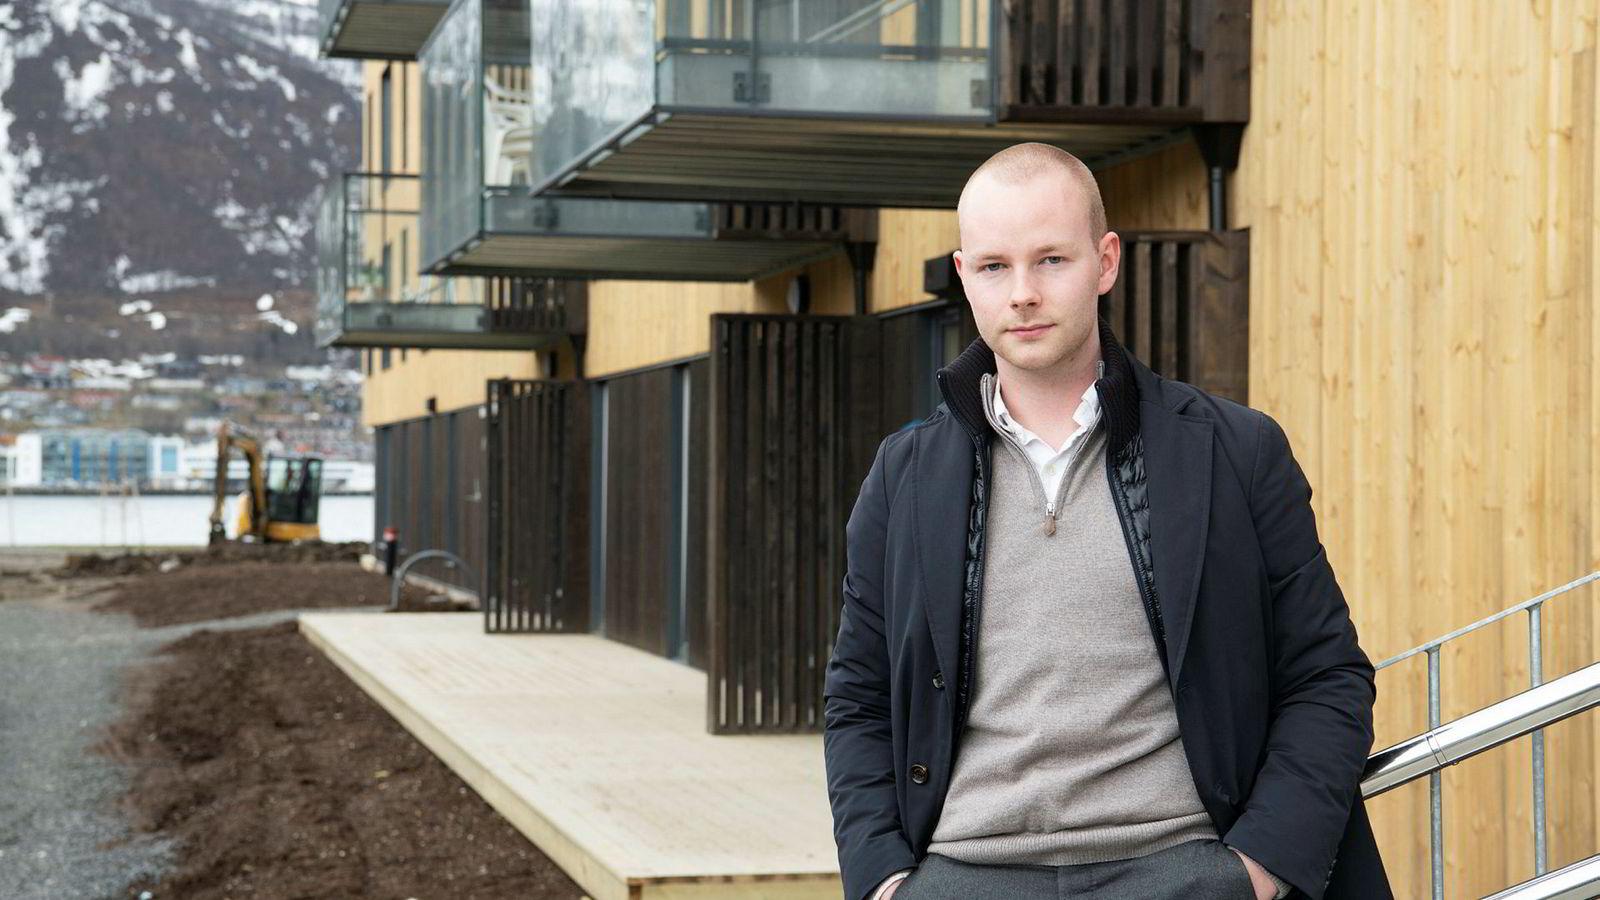 – De første rentehevingene har gått fint, men hvis renten fortsetter opp, sånn som ekspertene spår, kommer jeg til å merke det mye mer, sier Magnus Myklebust Krane (23). Han flyttet nylig inn i sin første leilighet i Tromsø.